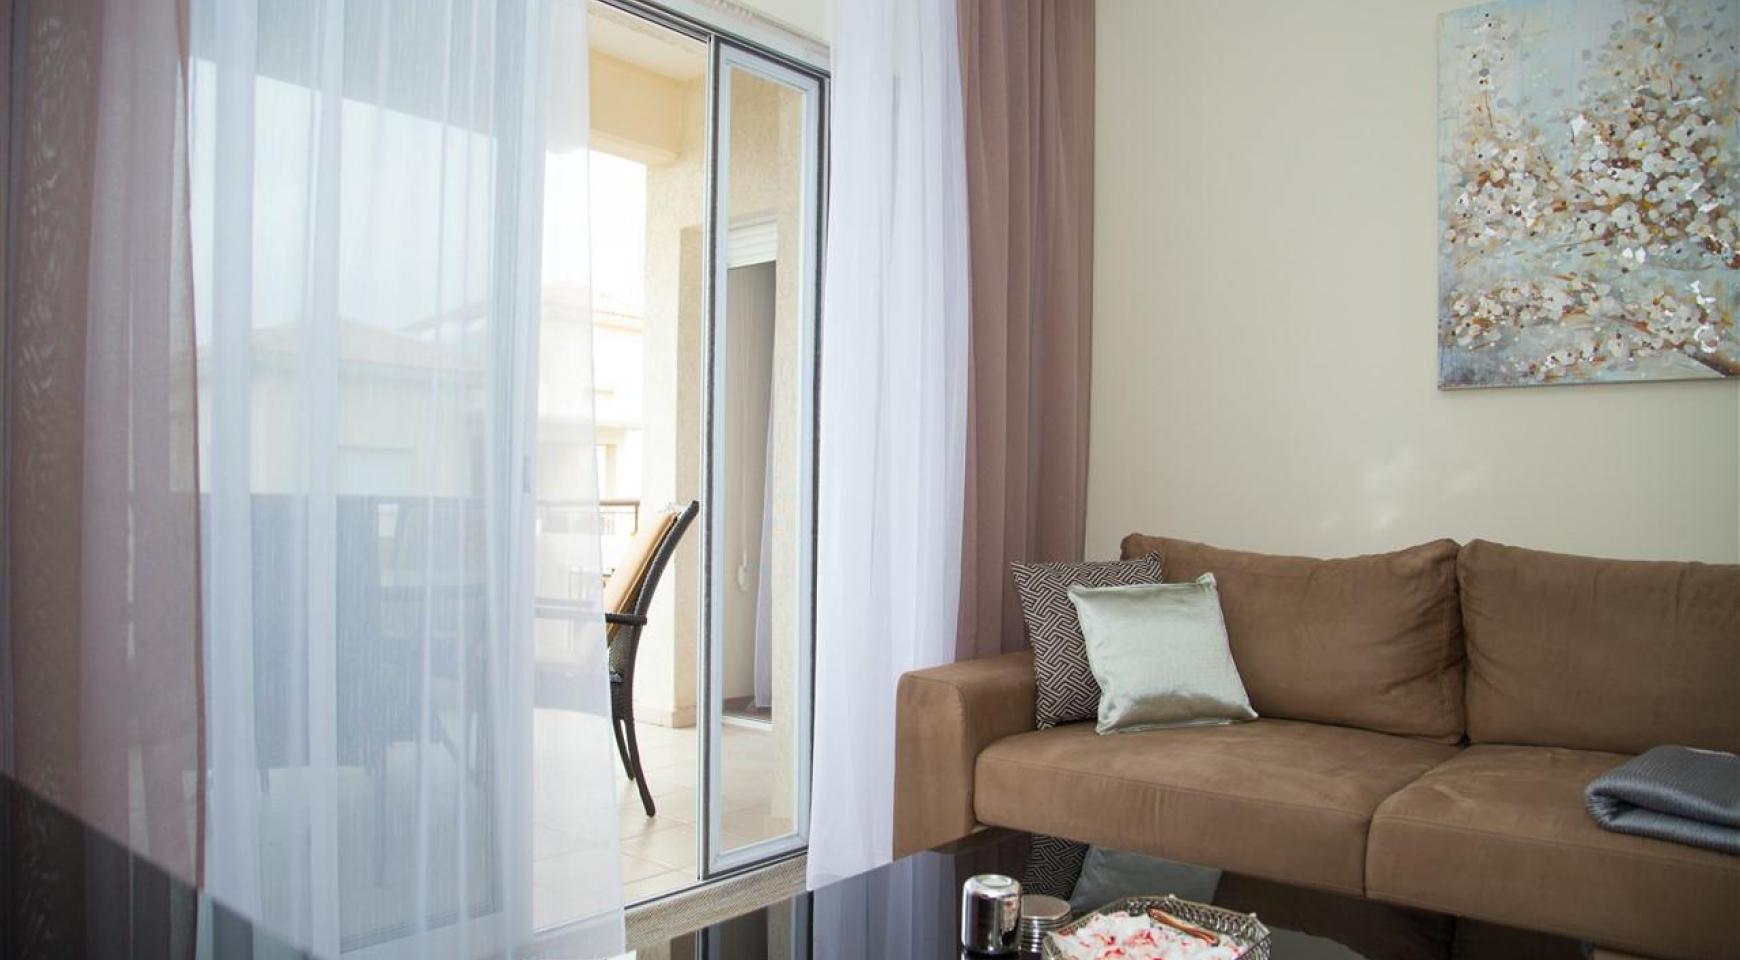 2-Спальная Квартира Mesogios Iris 304 в Комплексе у Моря - 6